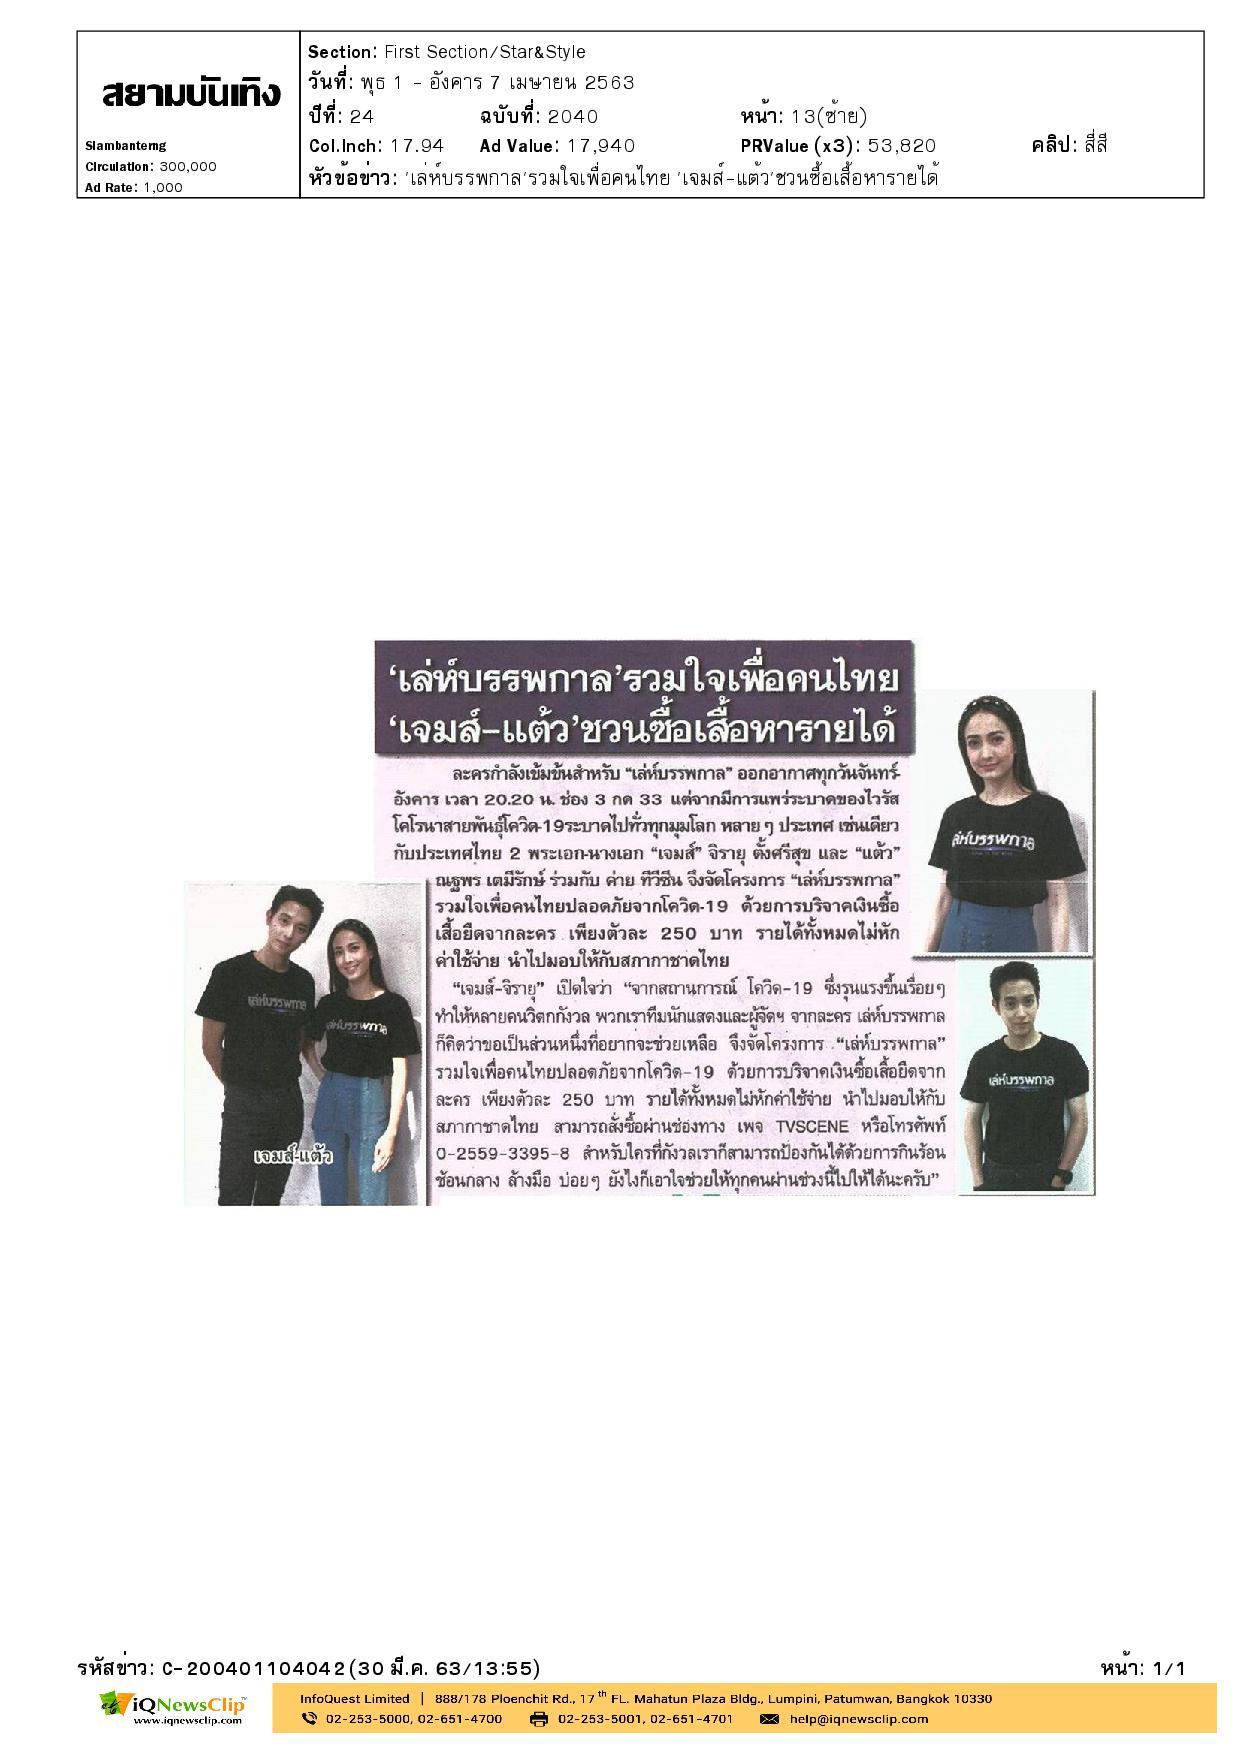 เชิญชวนซื้อเสื้อยืด รายได้มอบให้กับสภากาชาดไทย